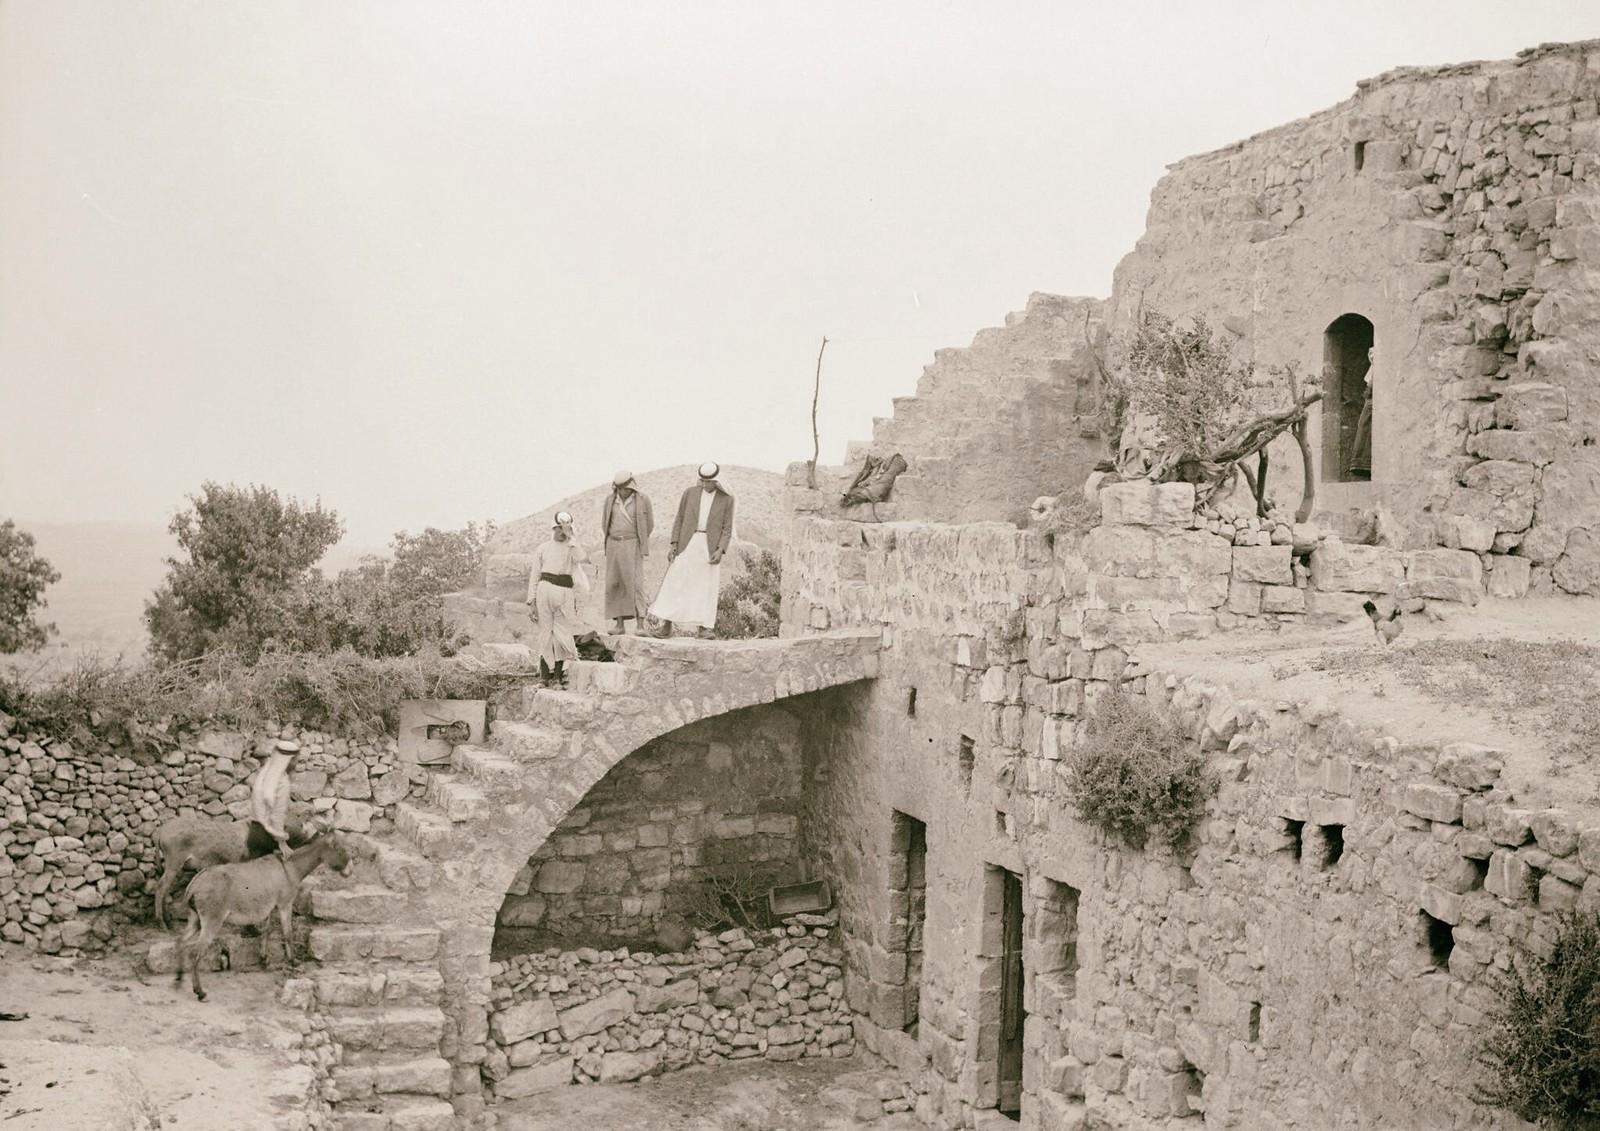 17. Деревня Халхул на 30-м километре Хевронской дороги. Типичный крестьянский дом в Халхуле